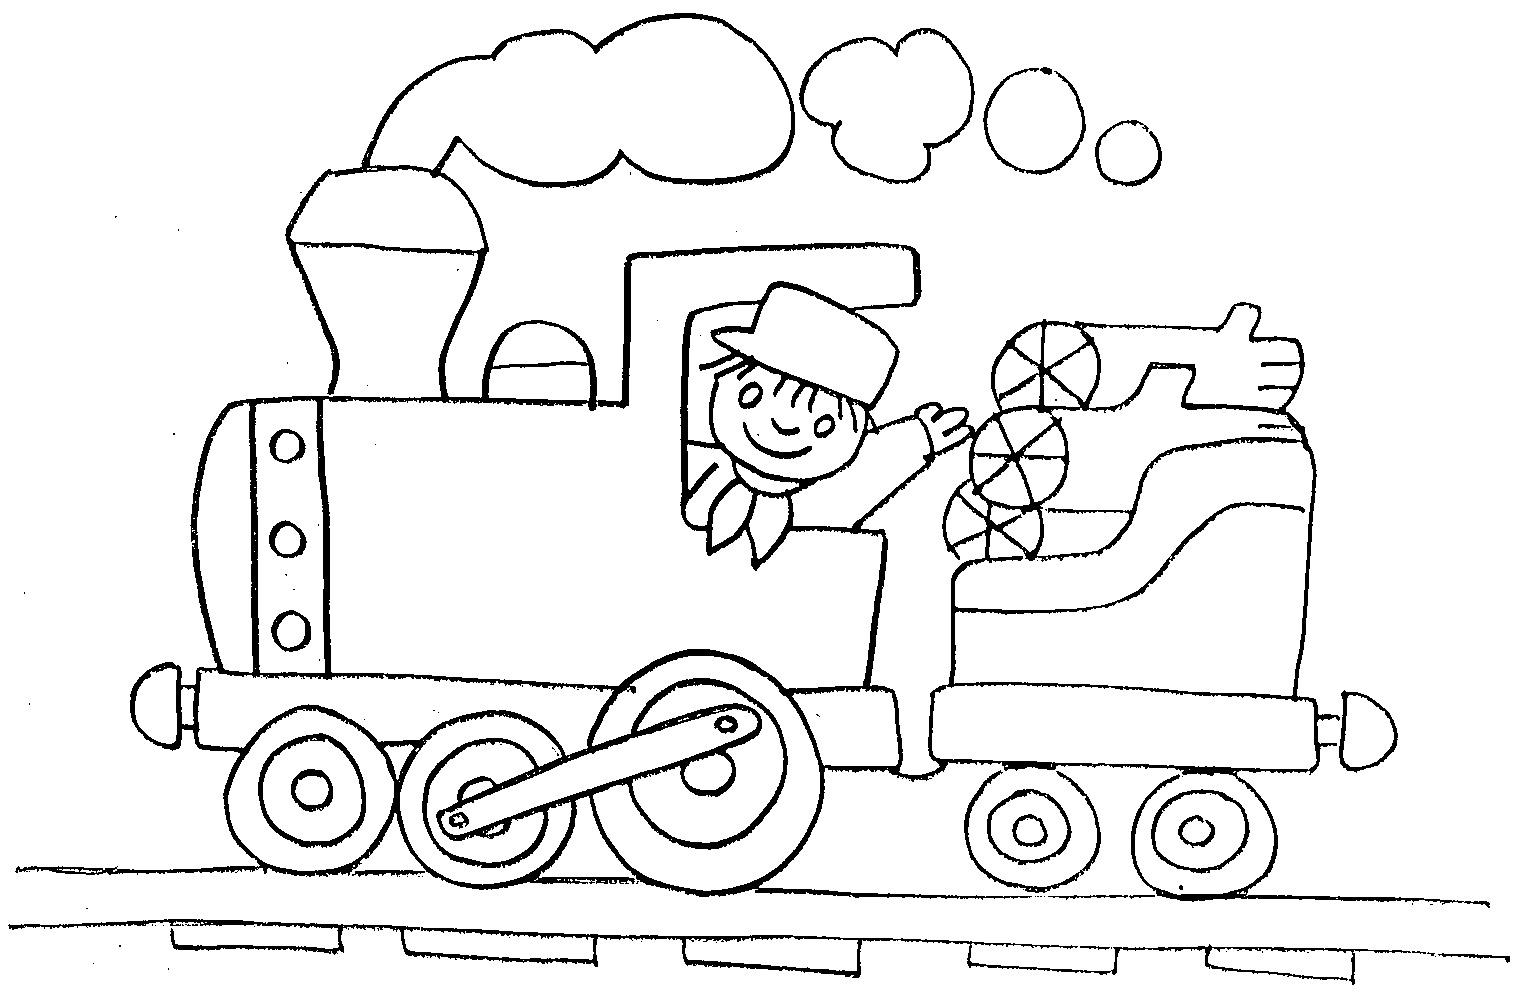 Dibujos para colorear de transportes: Coches, barcos, trenes, aviones.